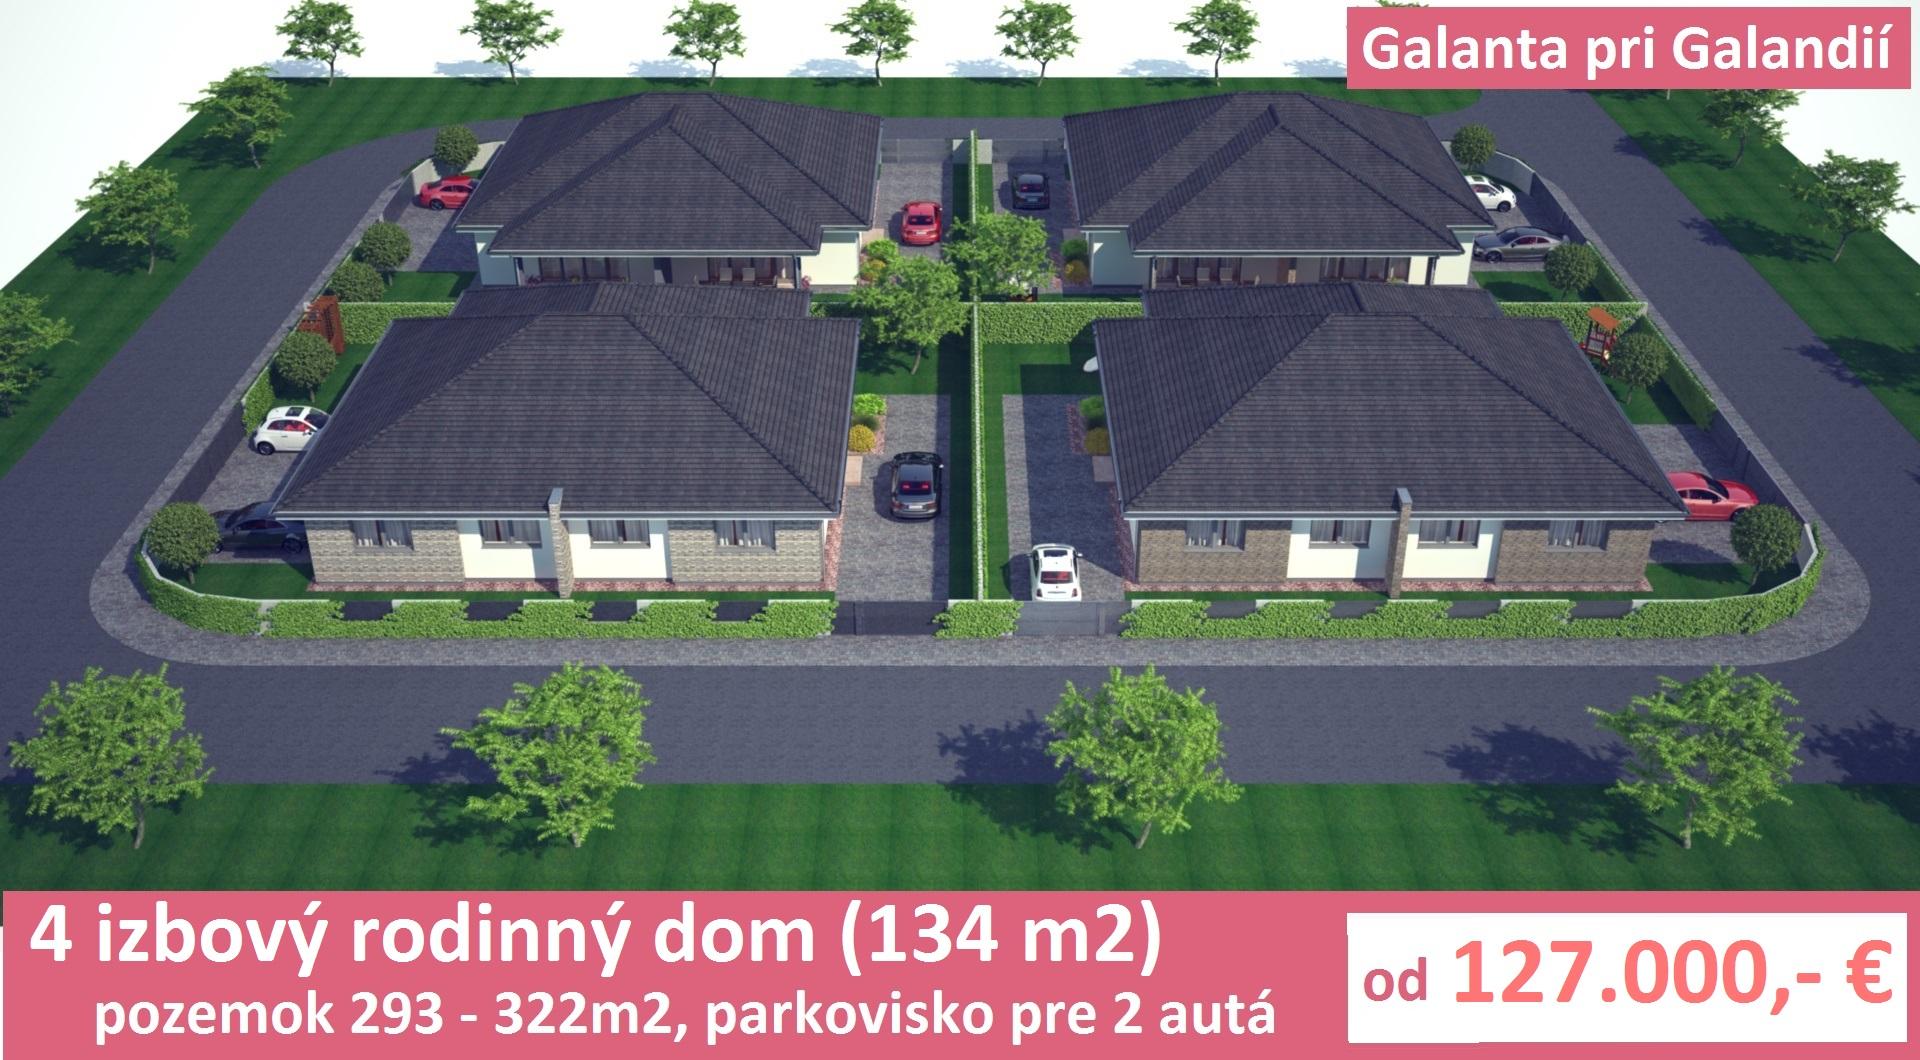 4 izbový rodinný dom (134 m2) s vlastným pozemkom 293-322m2 a parkoviskom pre 2 autá. Galanta pri Galandií